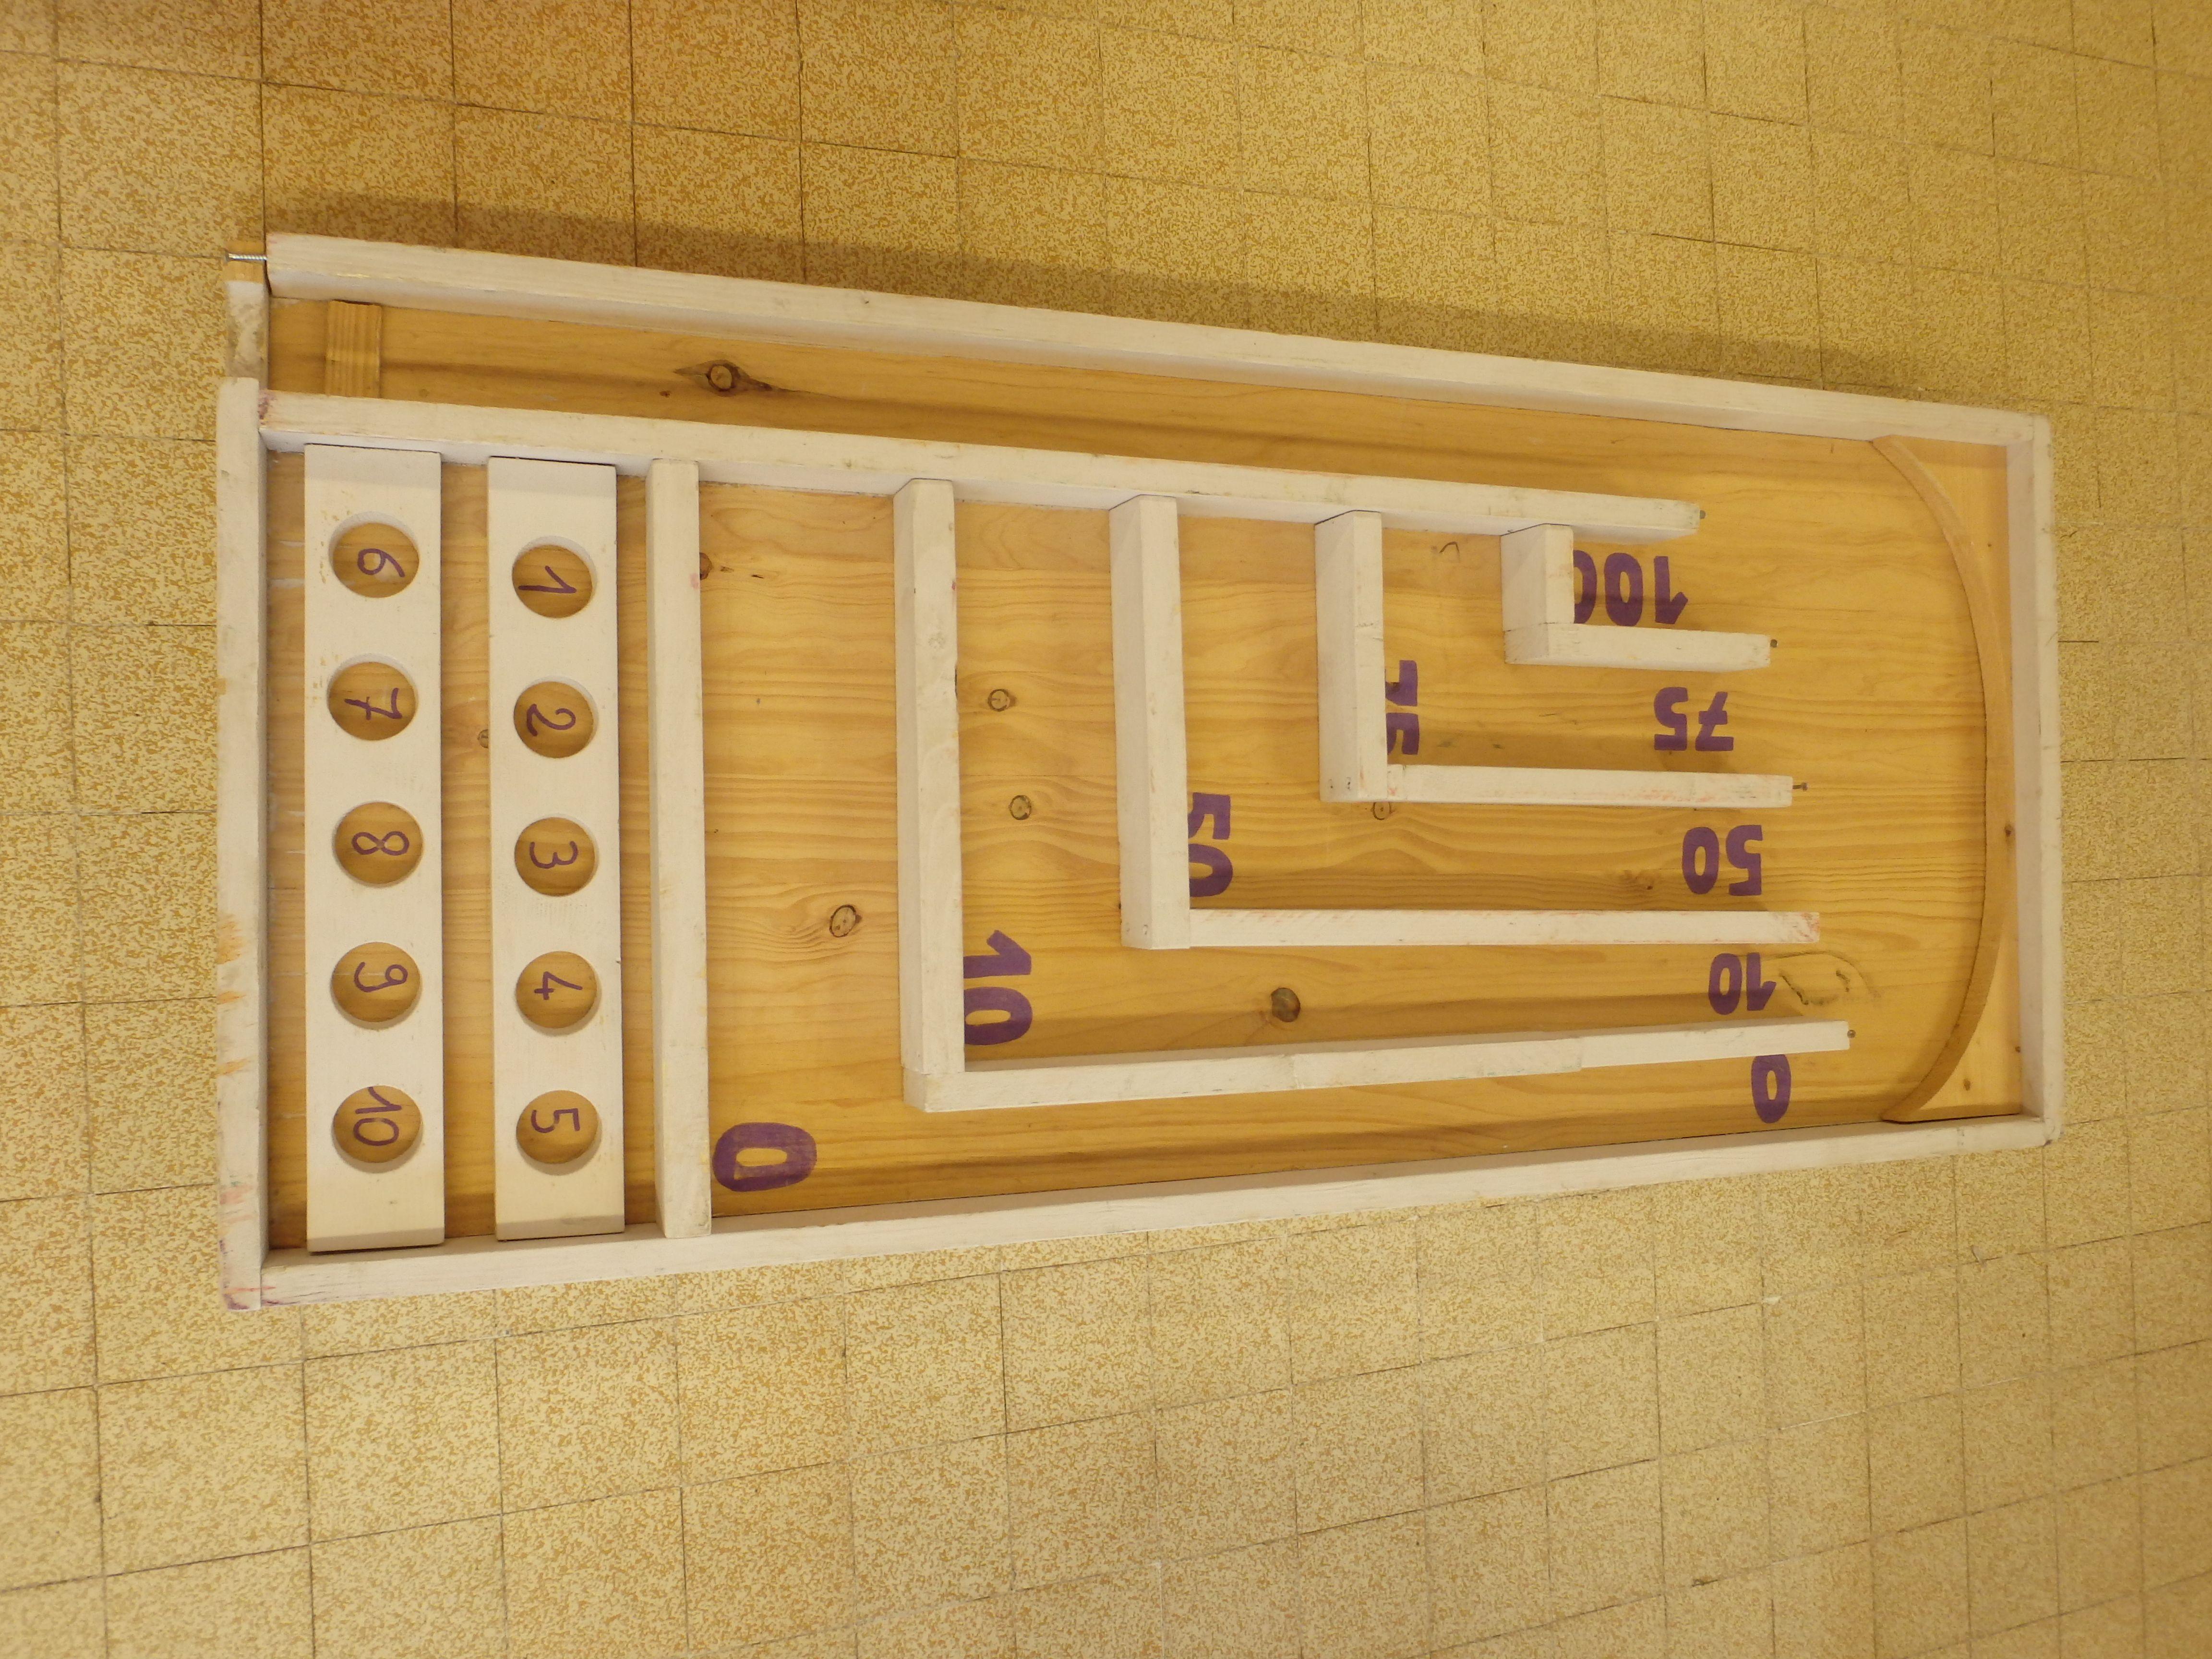 jeux en bois jeux de soci t pinterest jeux en bois jeux et bois. Black Bedroom Furniture Sets. Home Design Ideas